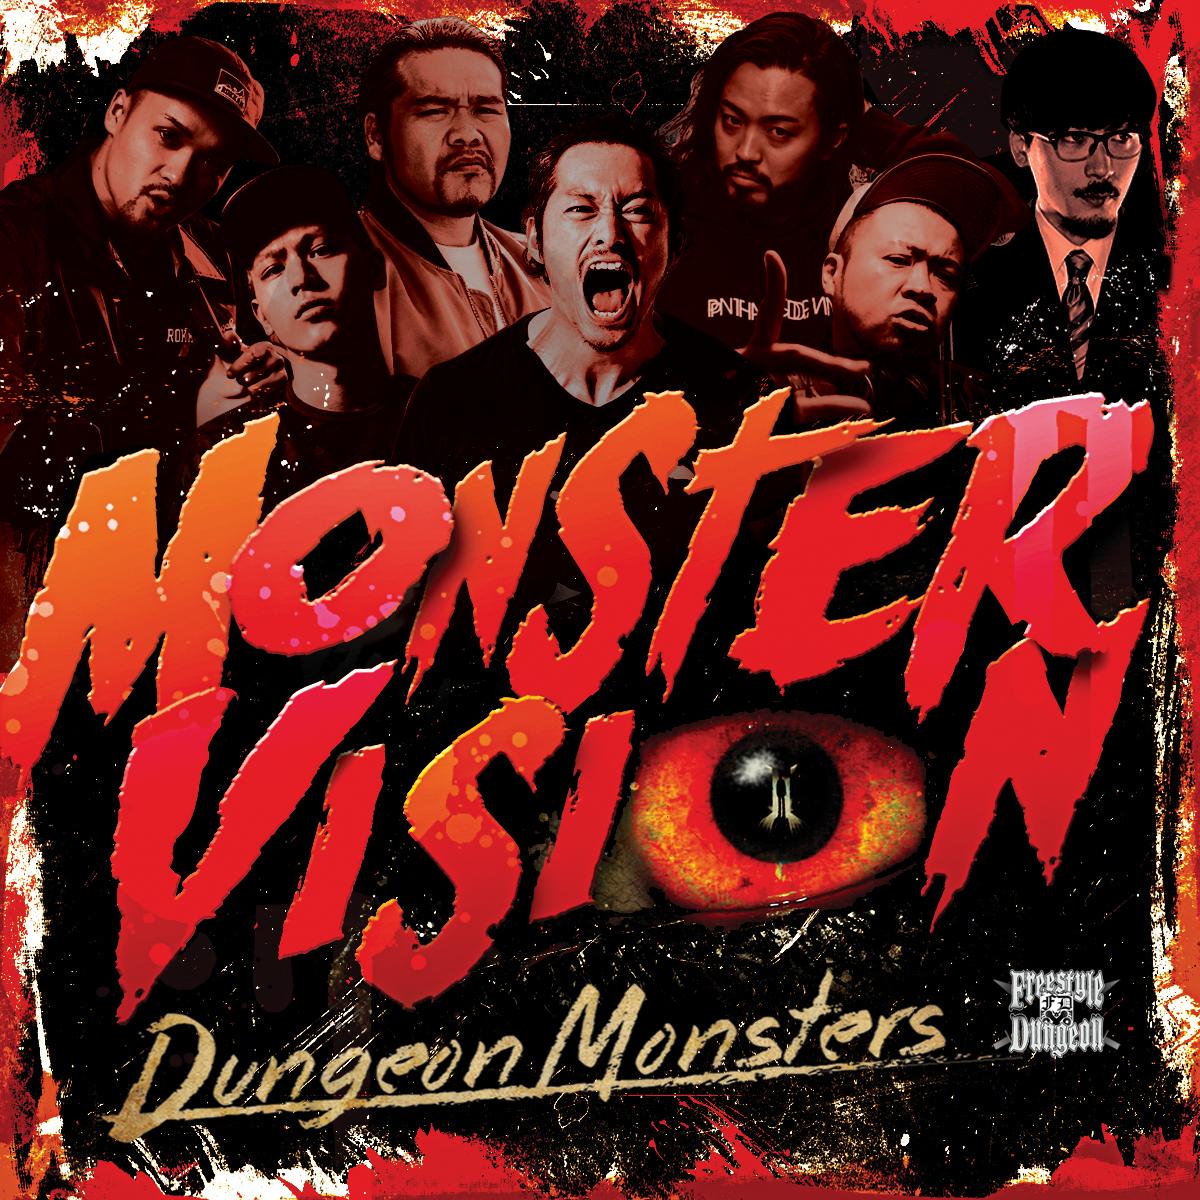 Mステでも話題に!Dungeon Monsters「MONSTER VISION」がカラオケ配信スタートサムネイル画像